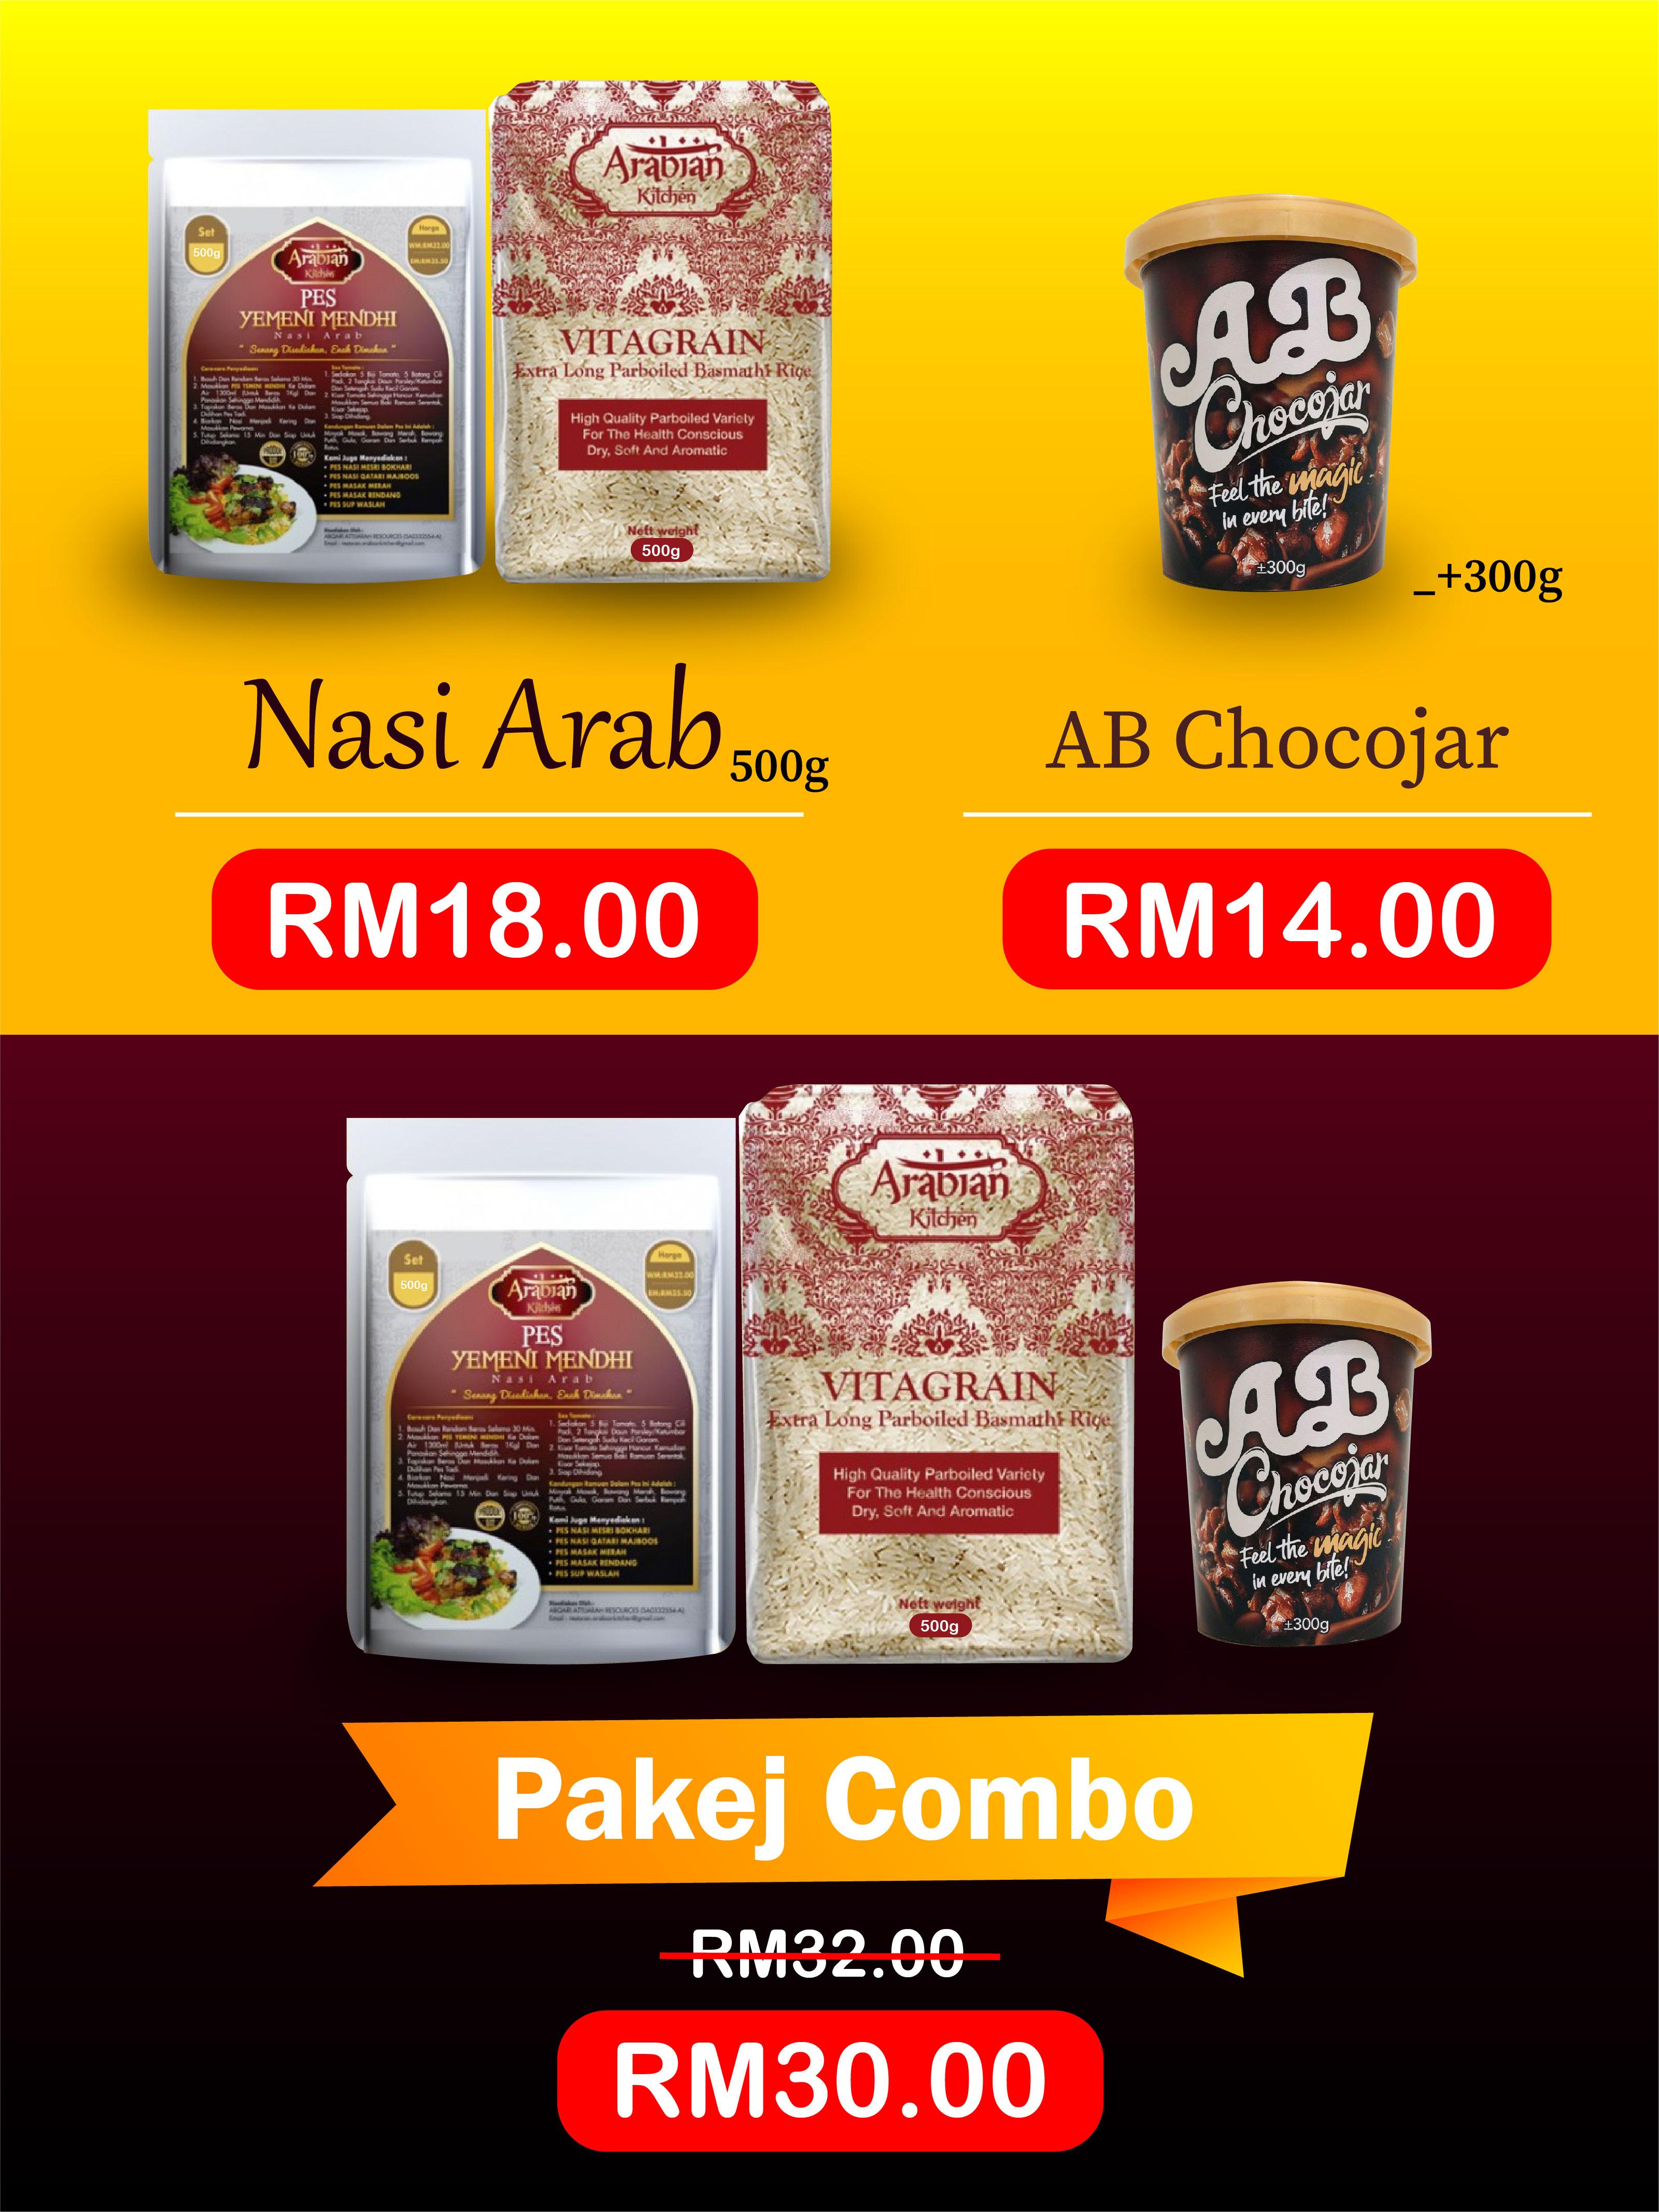 promosi nasi arab dan abchocojar